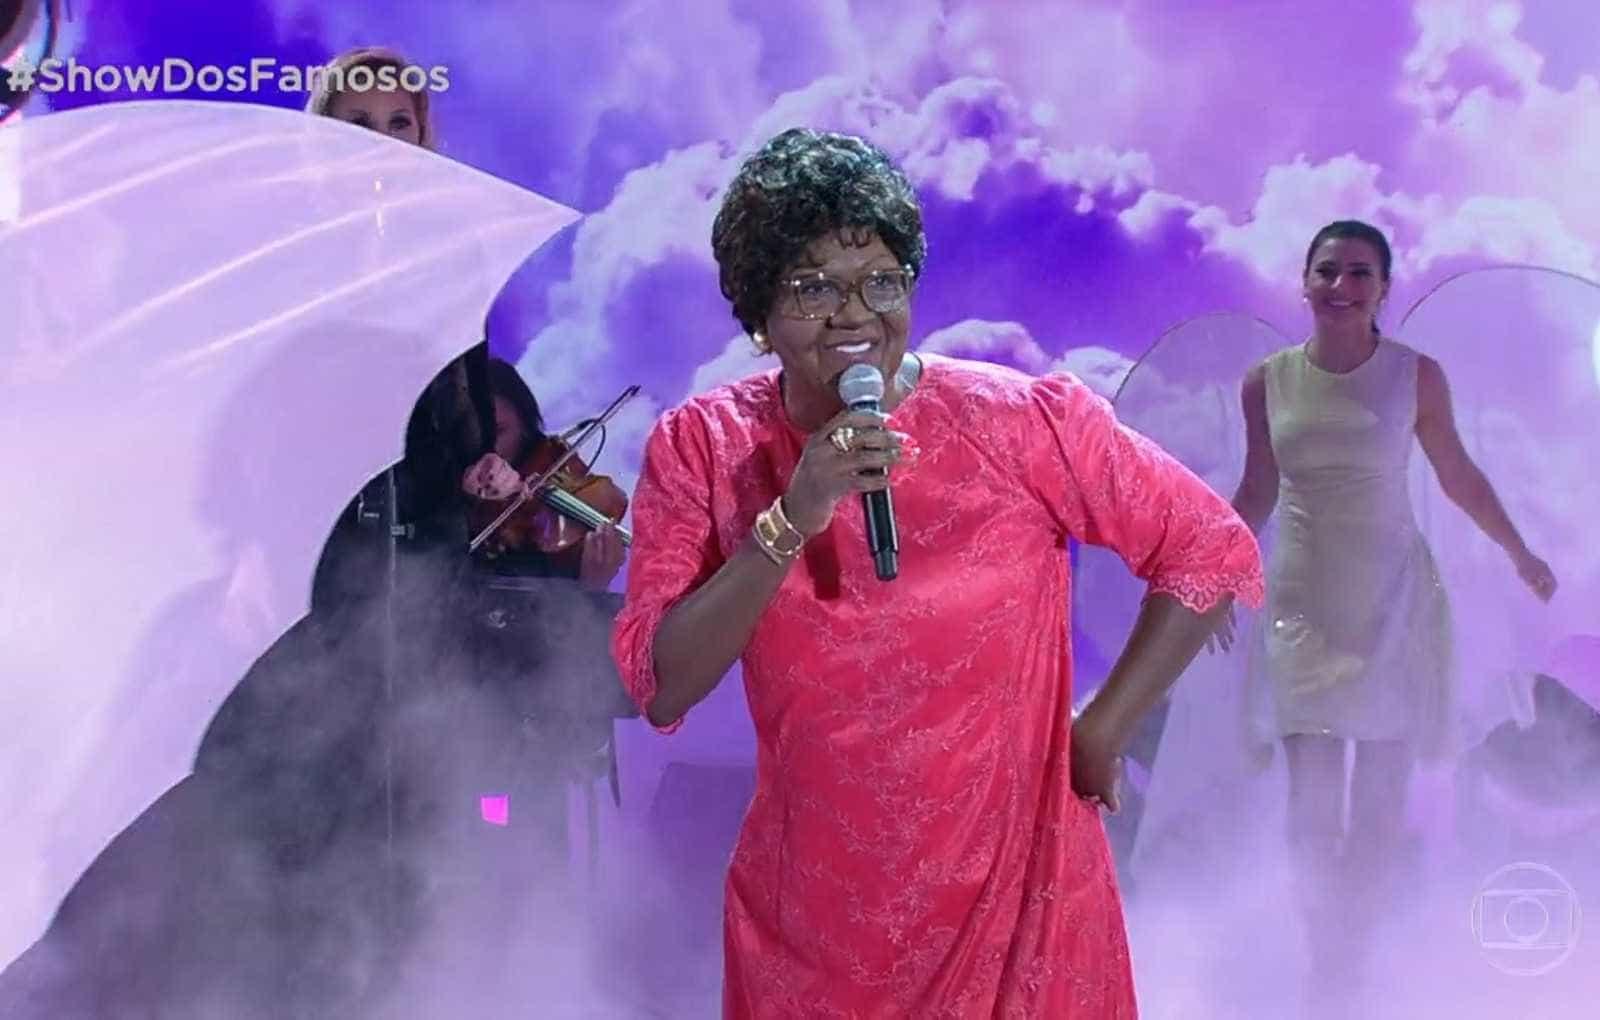 Homenageando Dona Ivone Lara, Mumuzinho é campeão do 'Show dos Famosos'